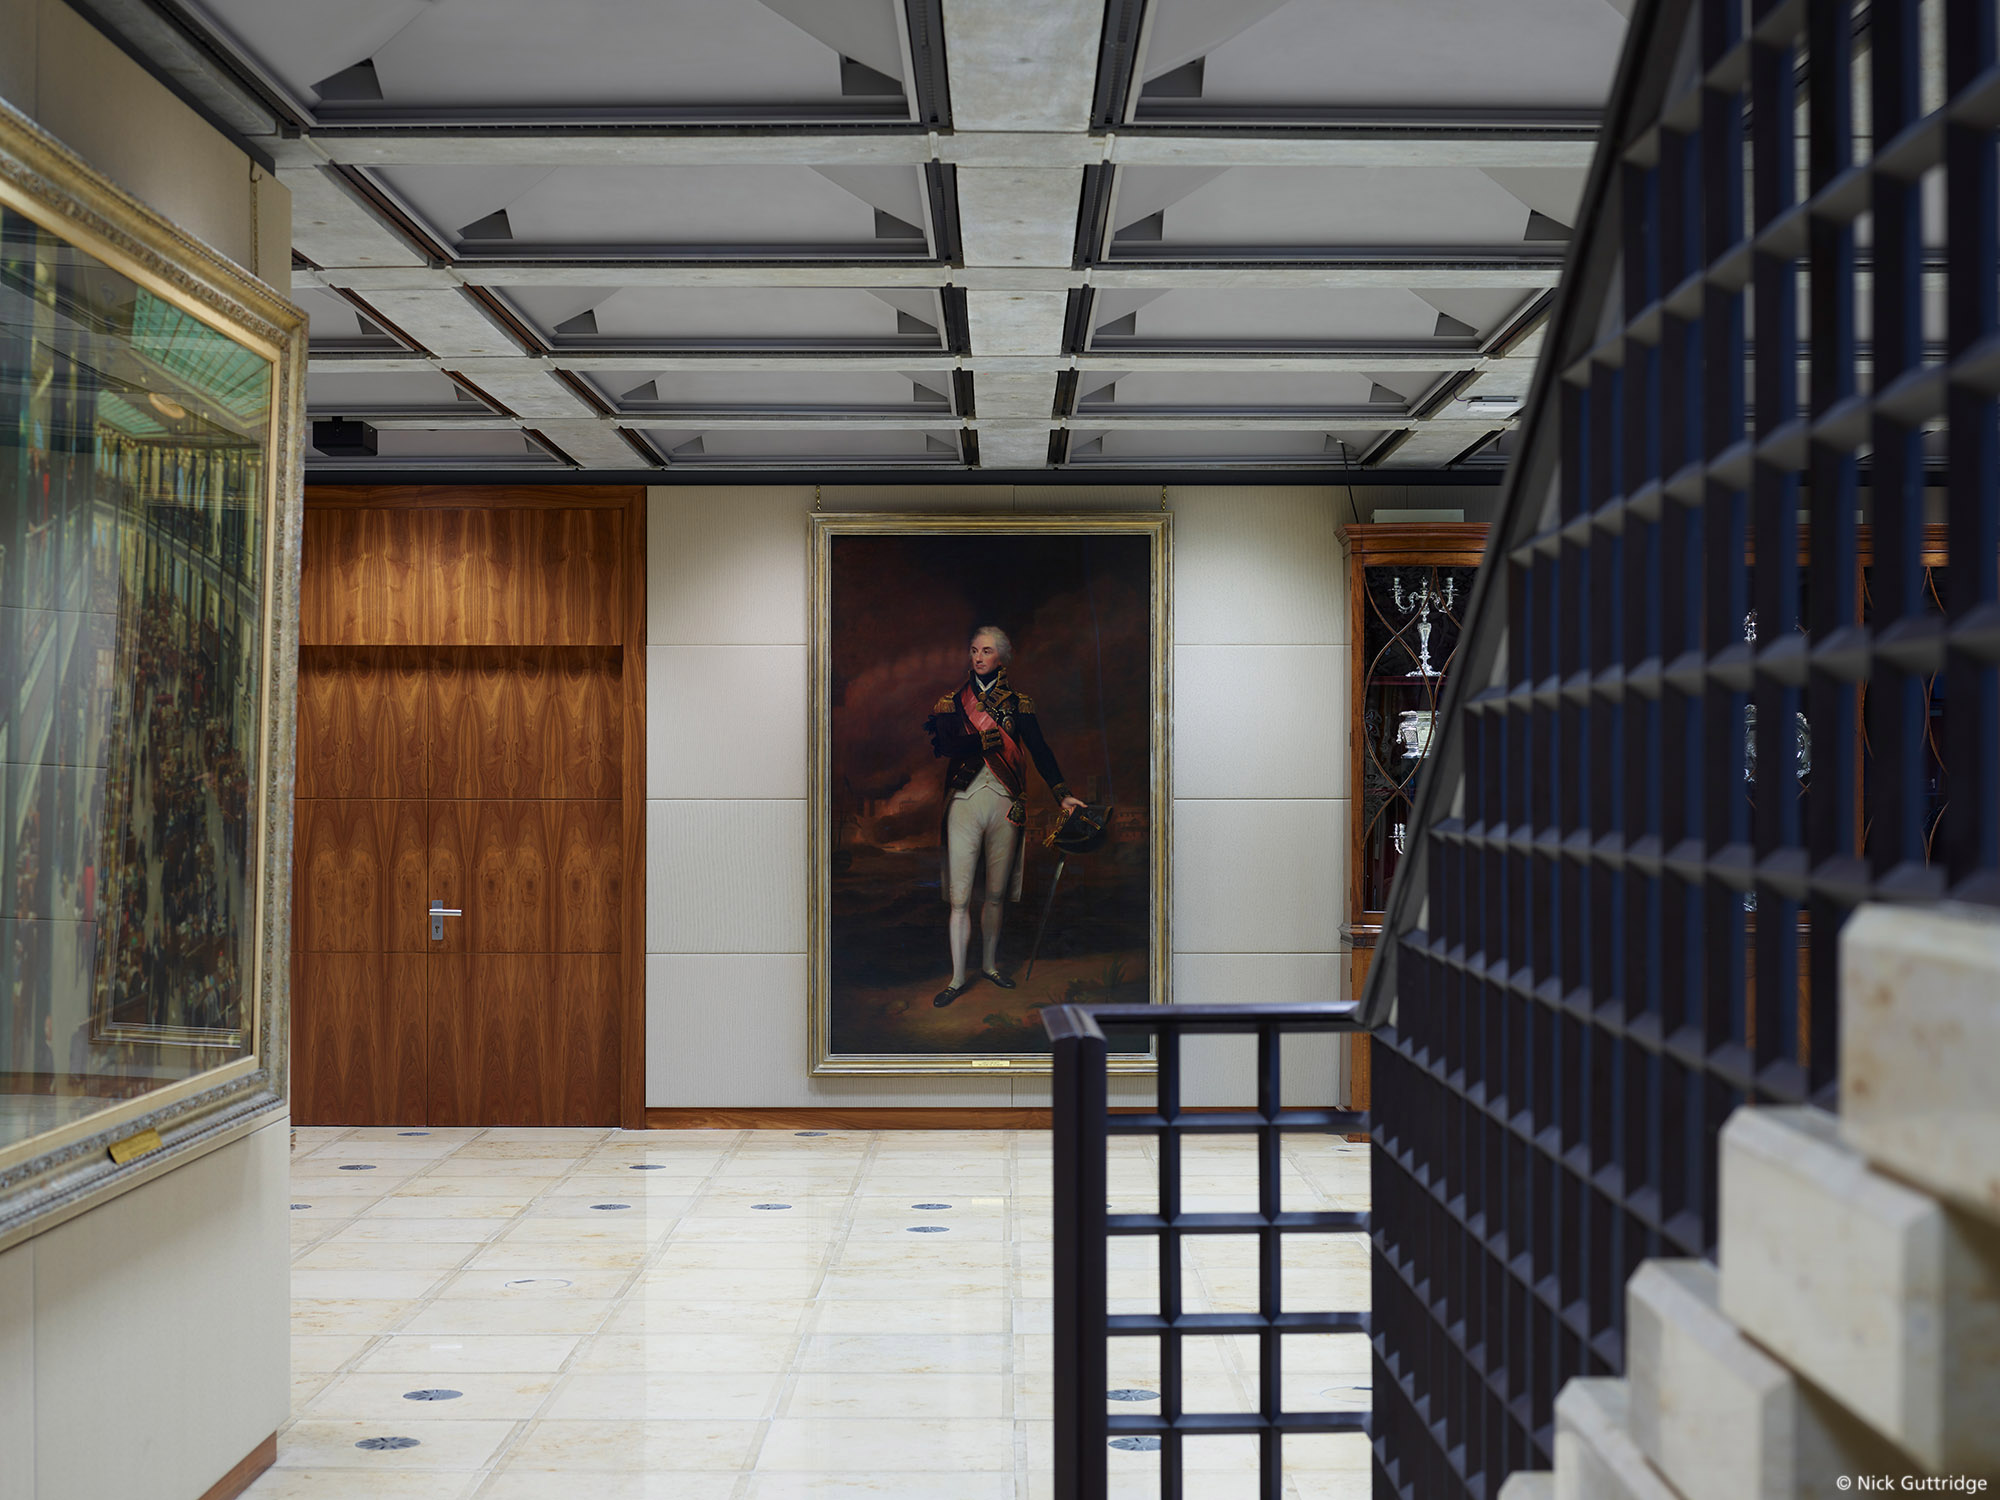 NGUT-1345-Lloyds-0032.jpg